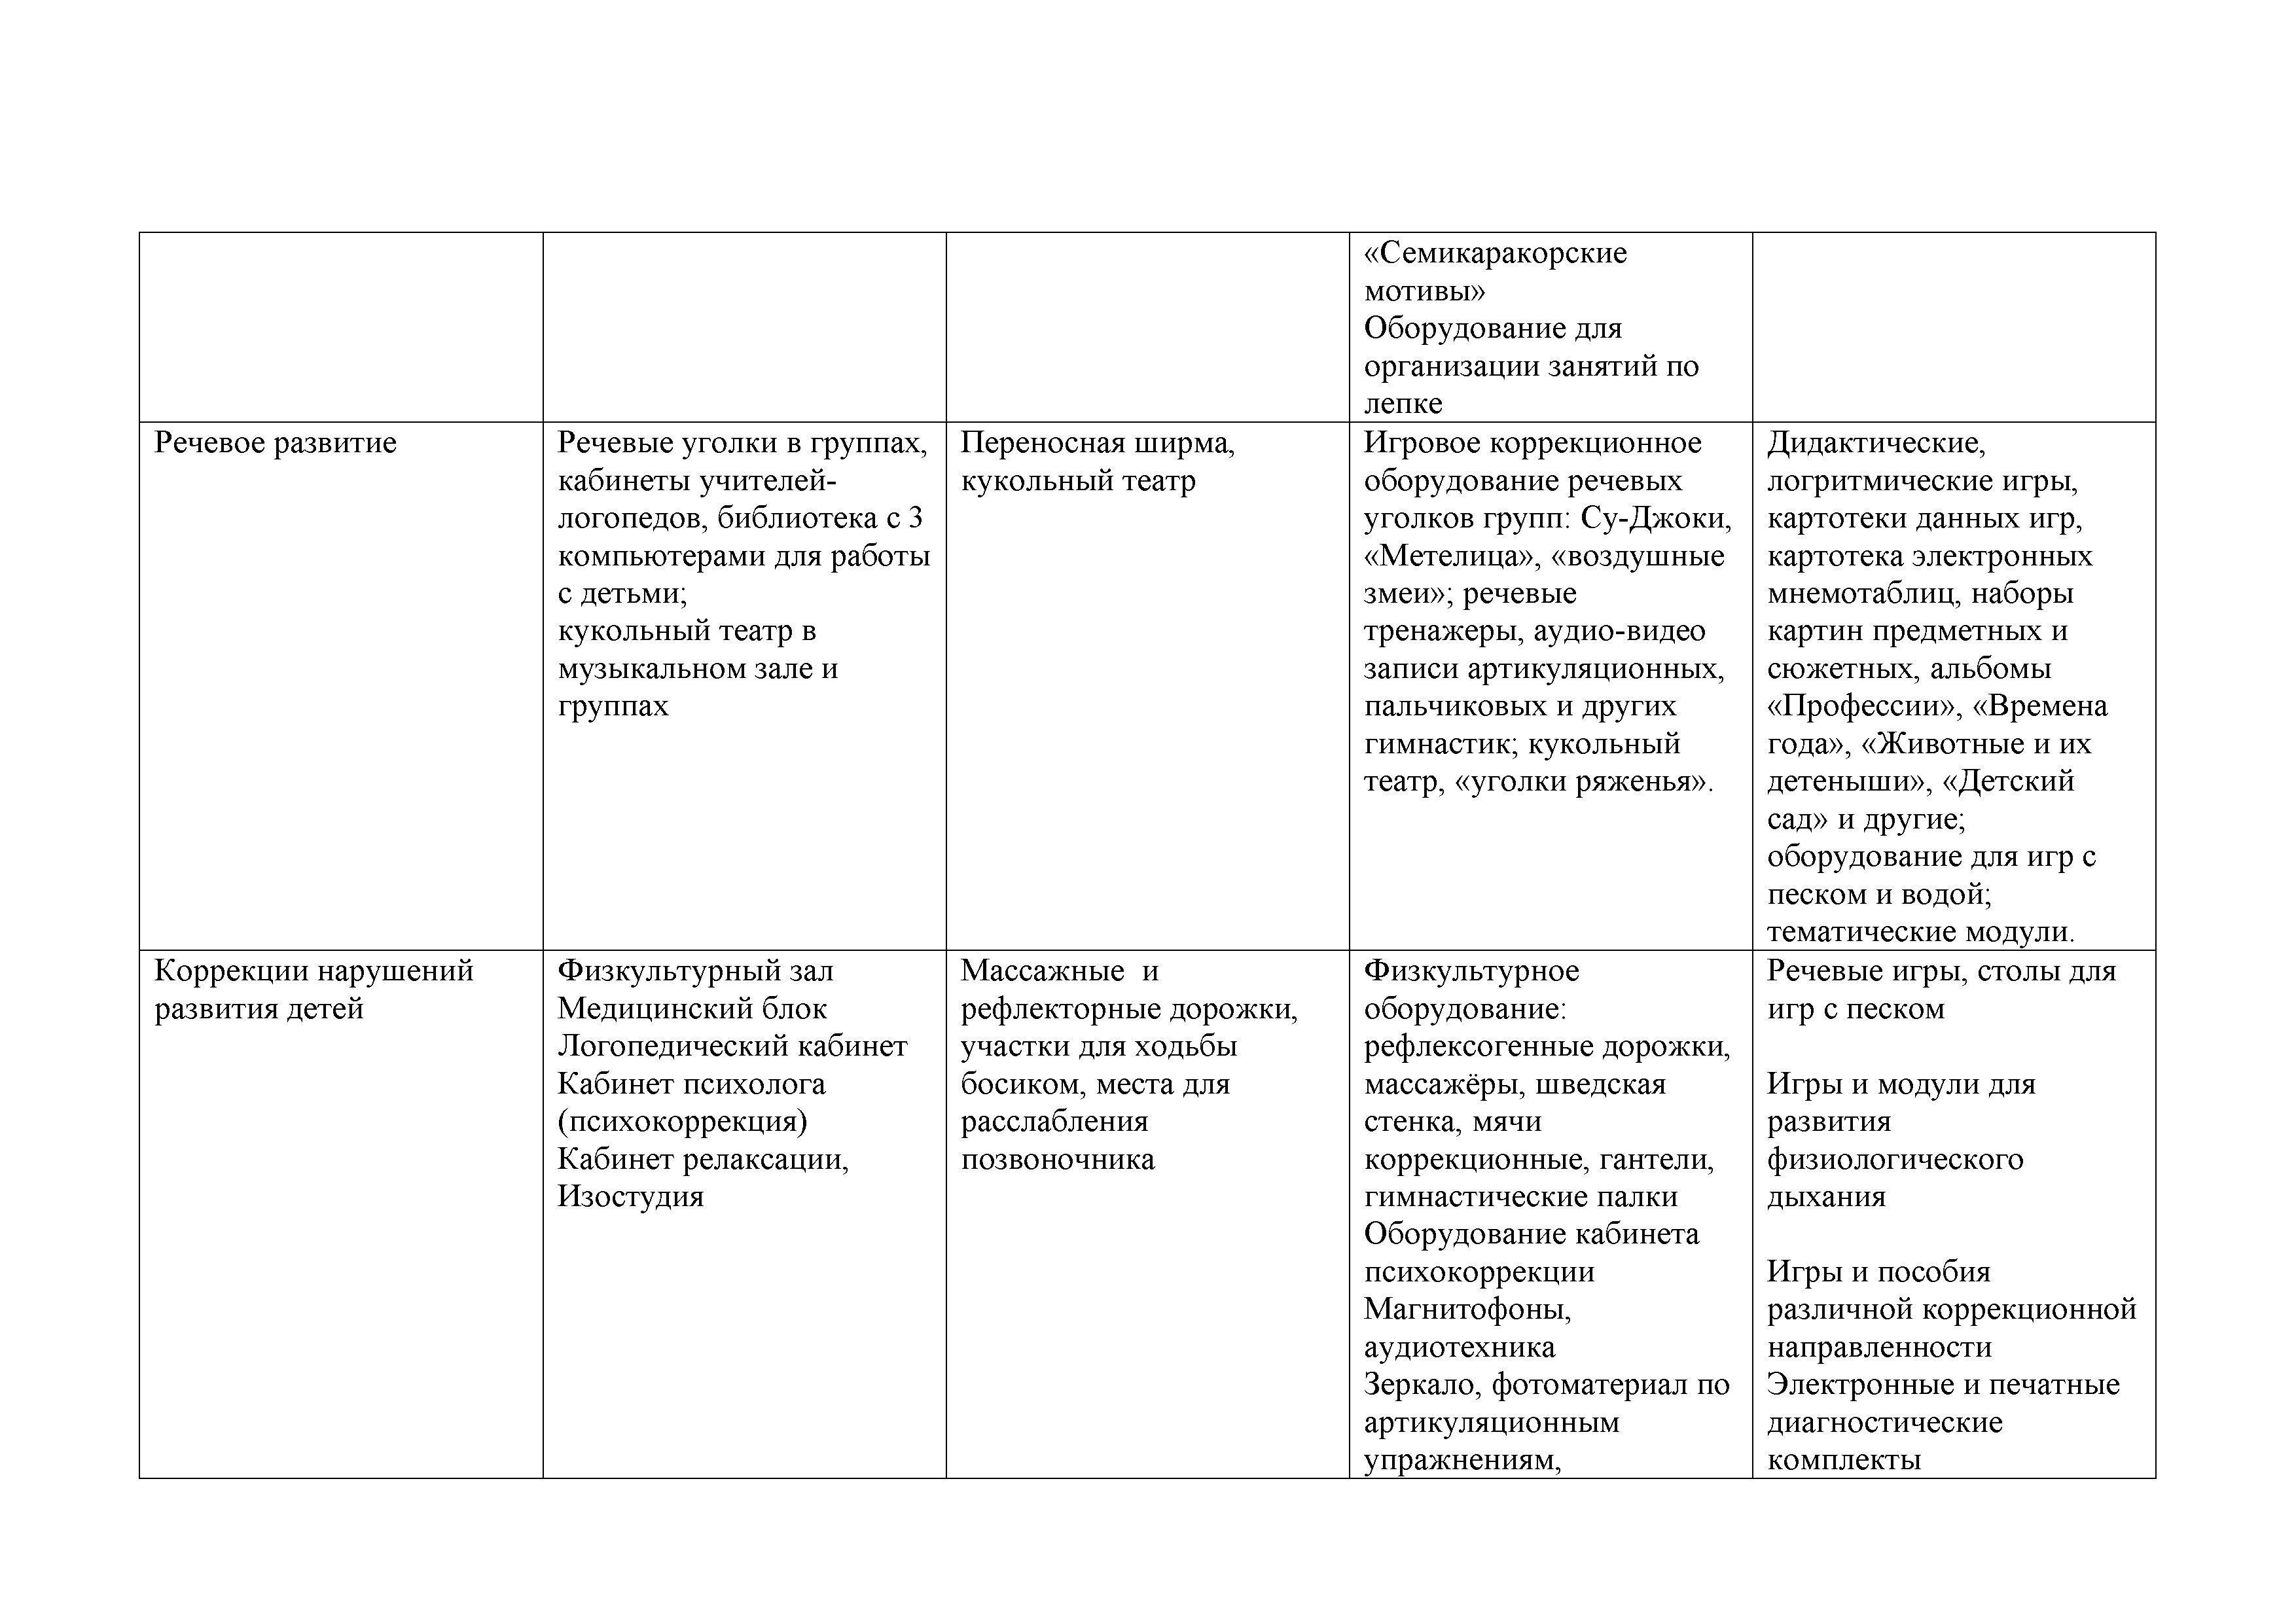 замена Материально техническое об в папке образовательная деятельность ДОУ__37(4)